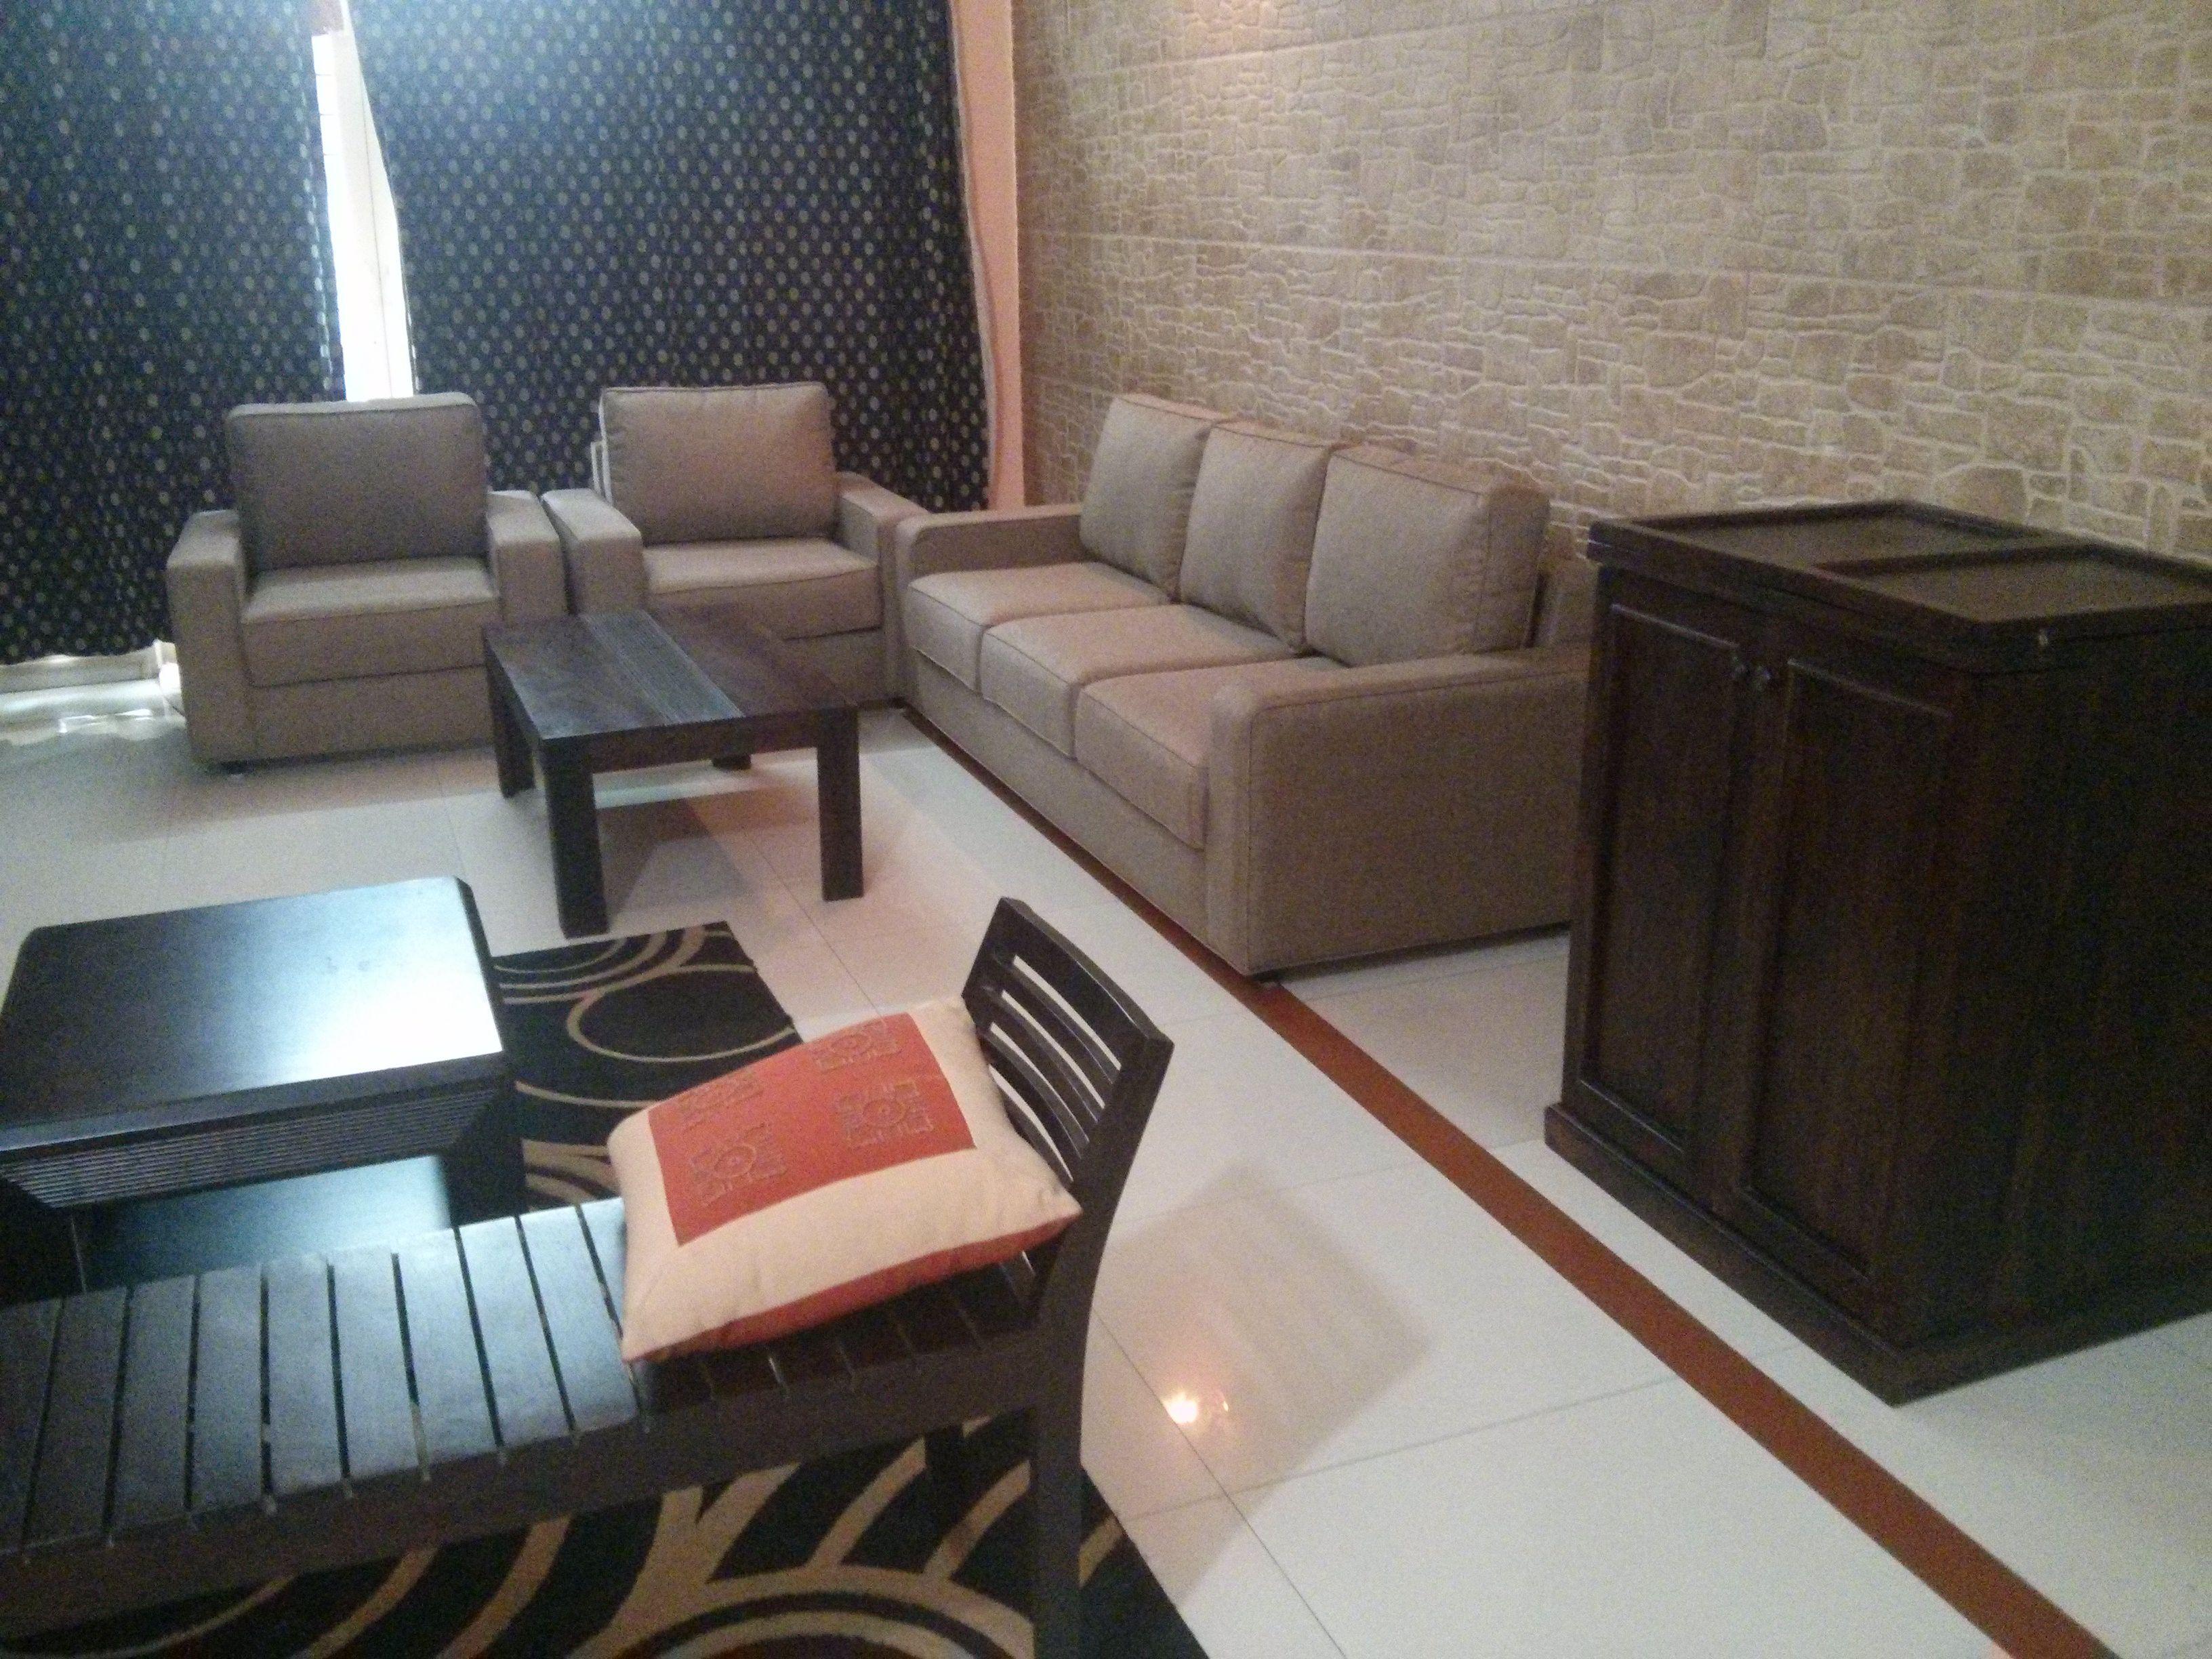 The Apollo Sofa Urbanladder Reviews